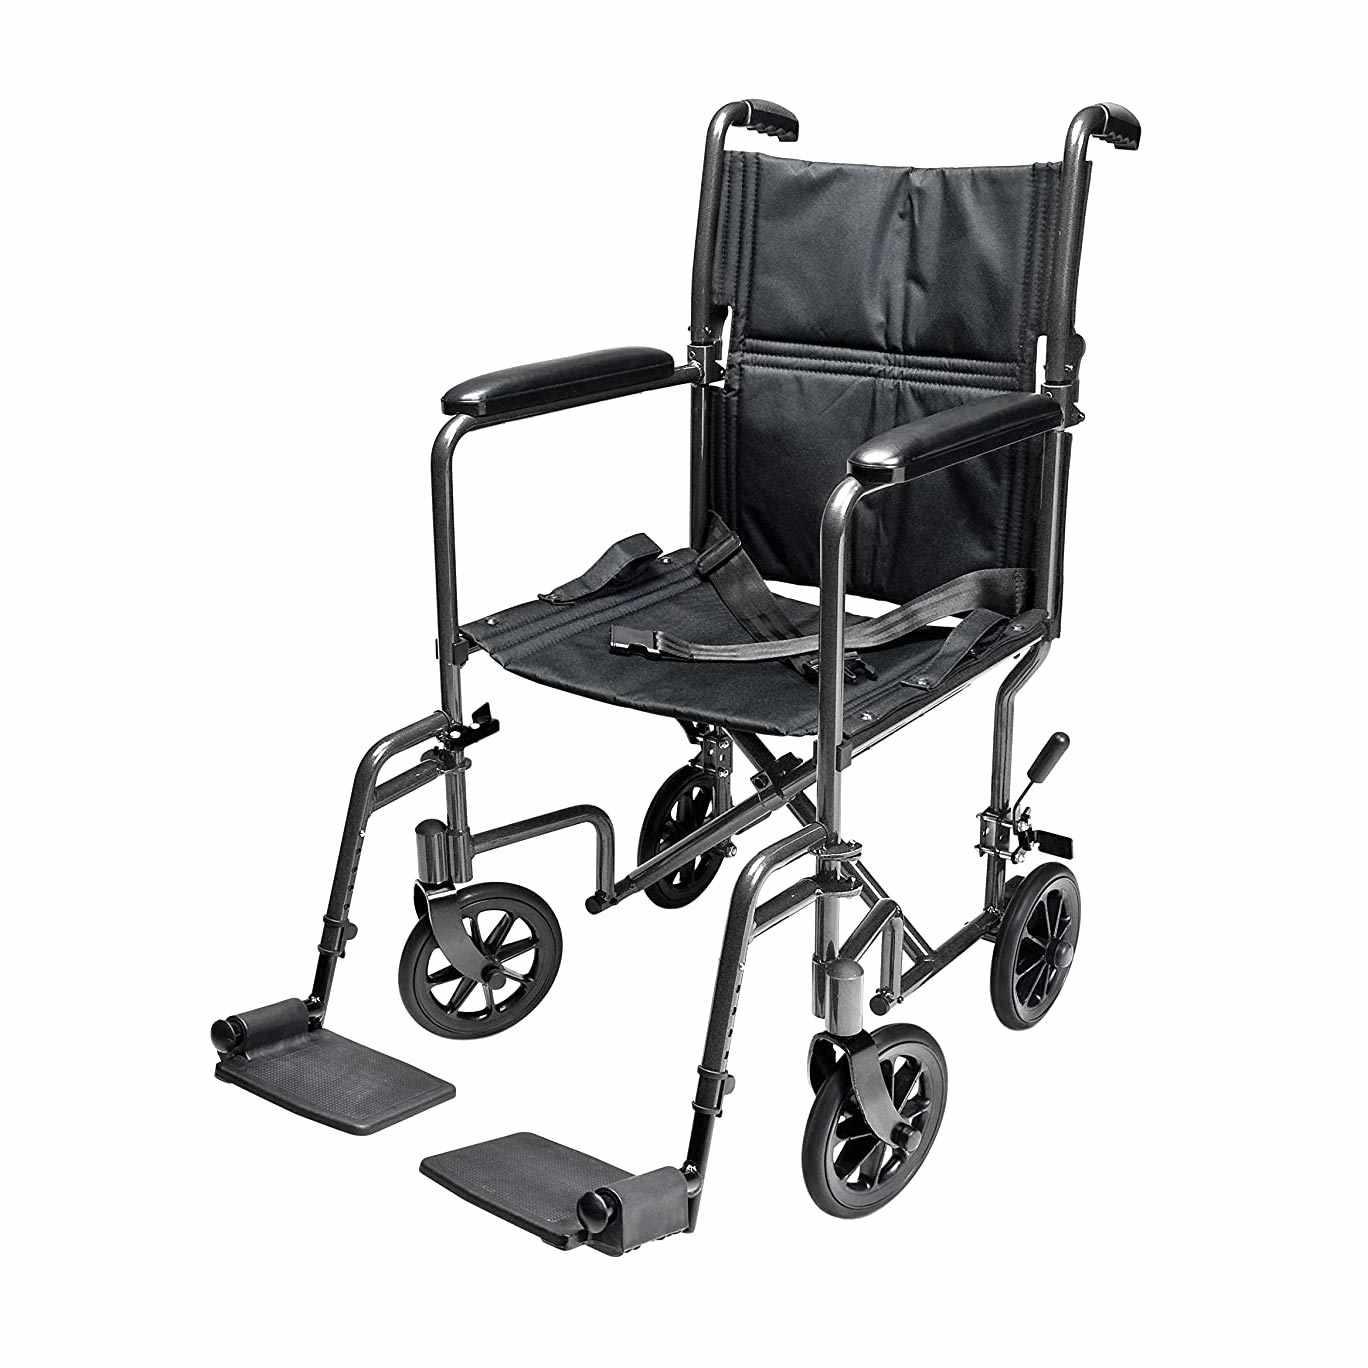 Everest & Jennings steel transport chair, EJ795-1